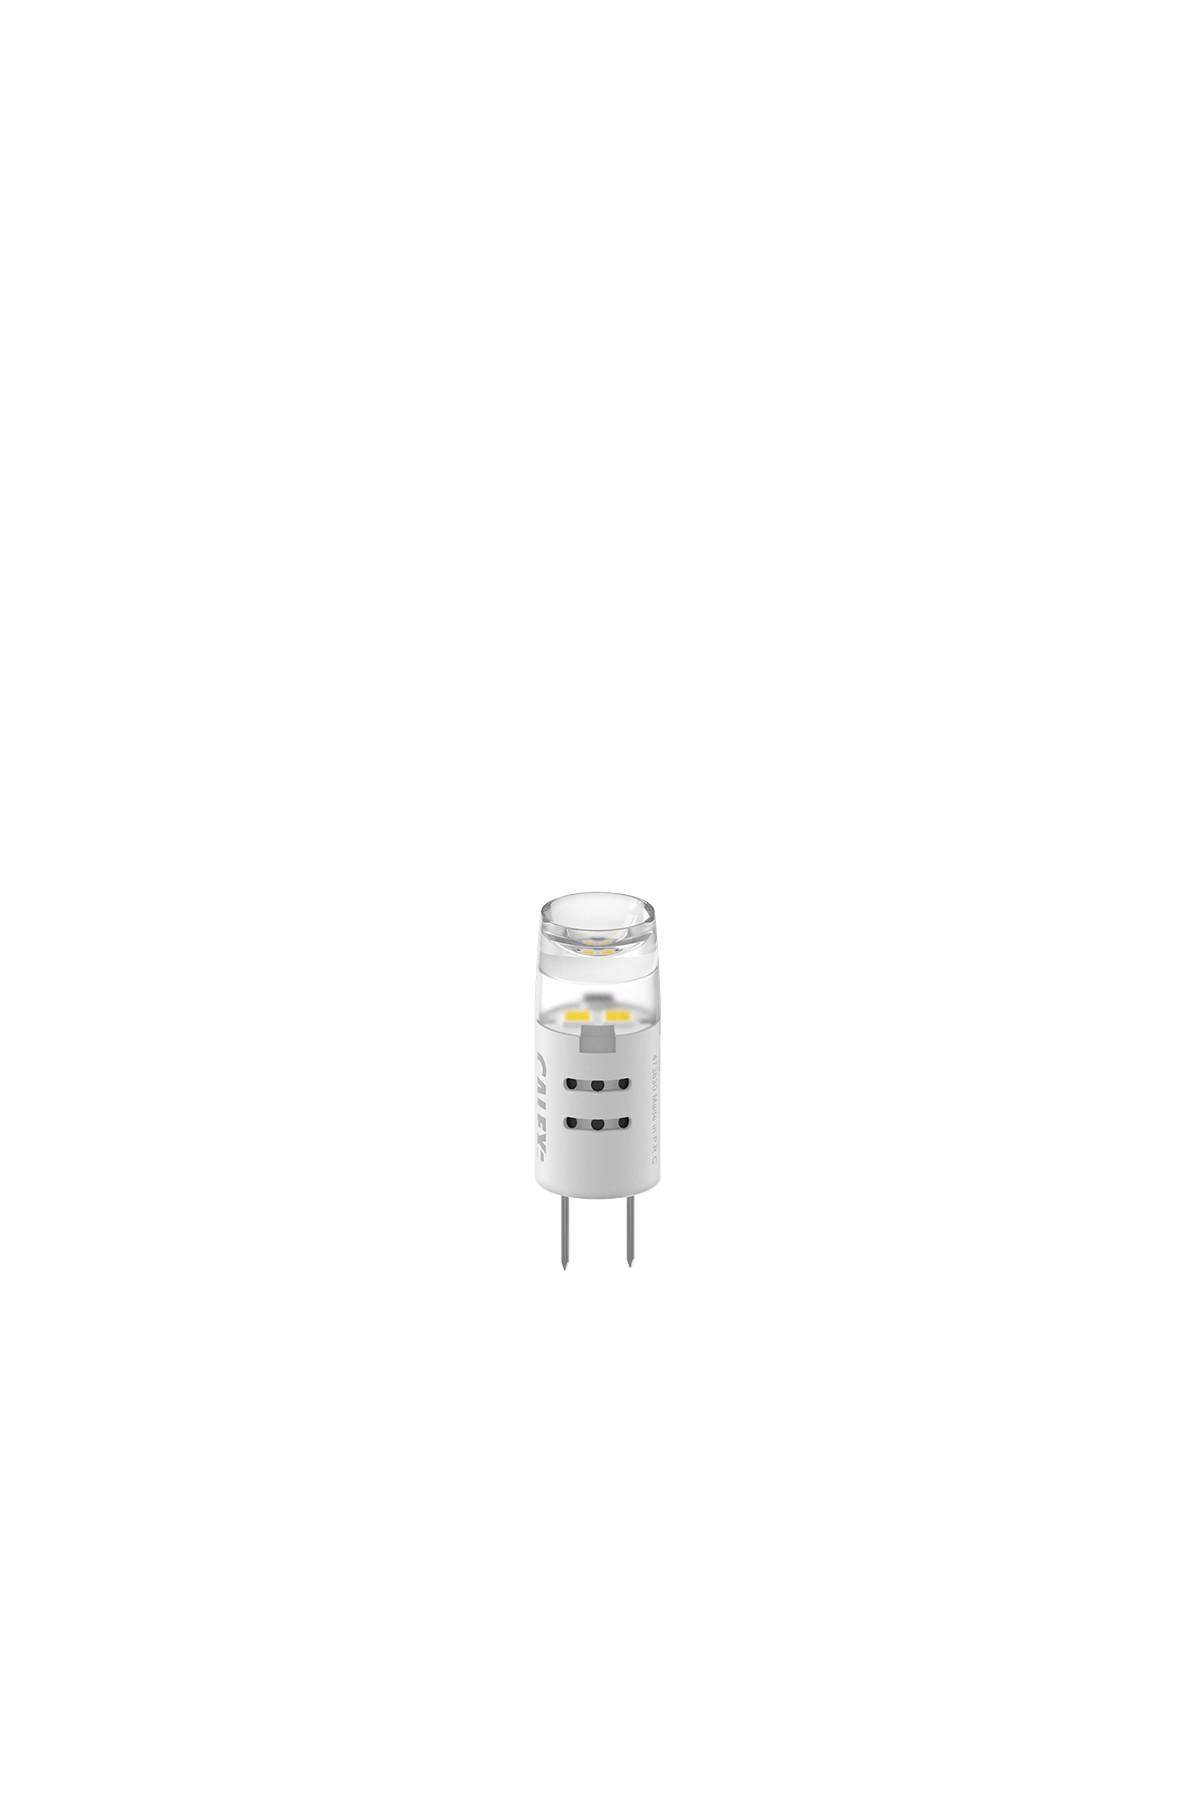 LED Burner Lamps 12V 1,5W G4